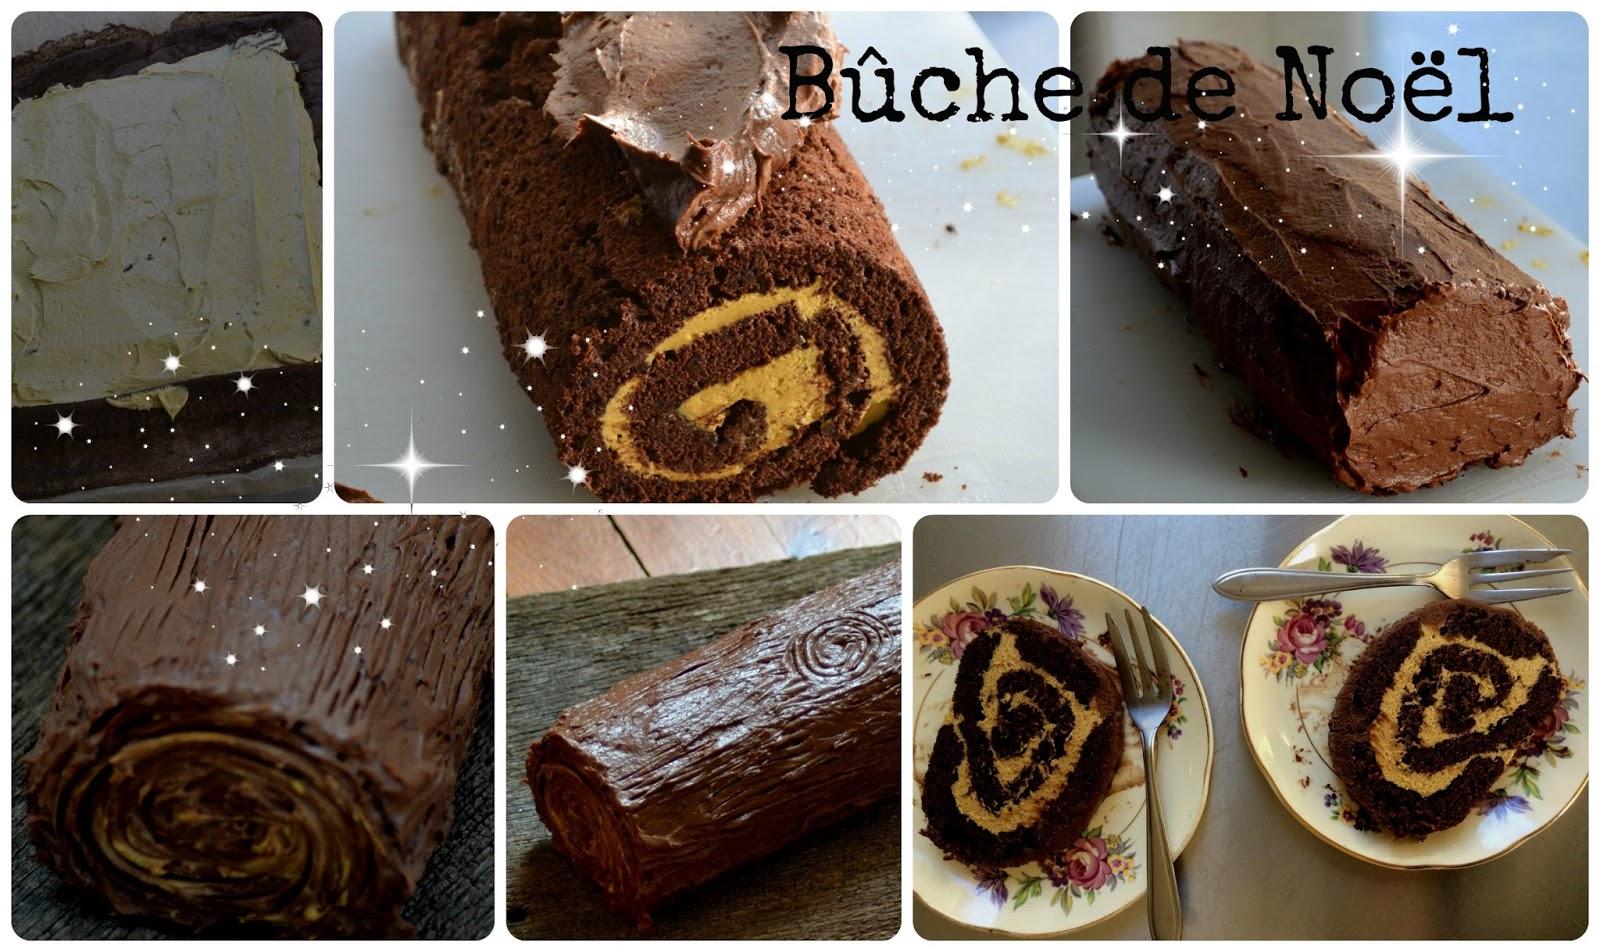 Zelf kerst dessert maken, bûche de noël. Klassiek Frans dessert.